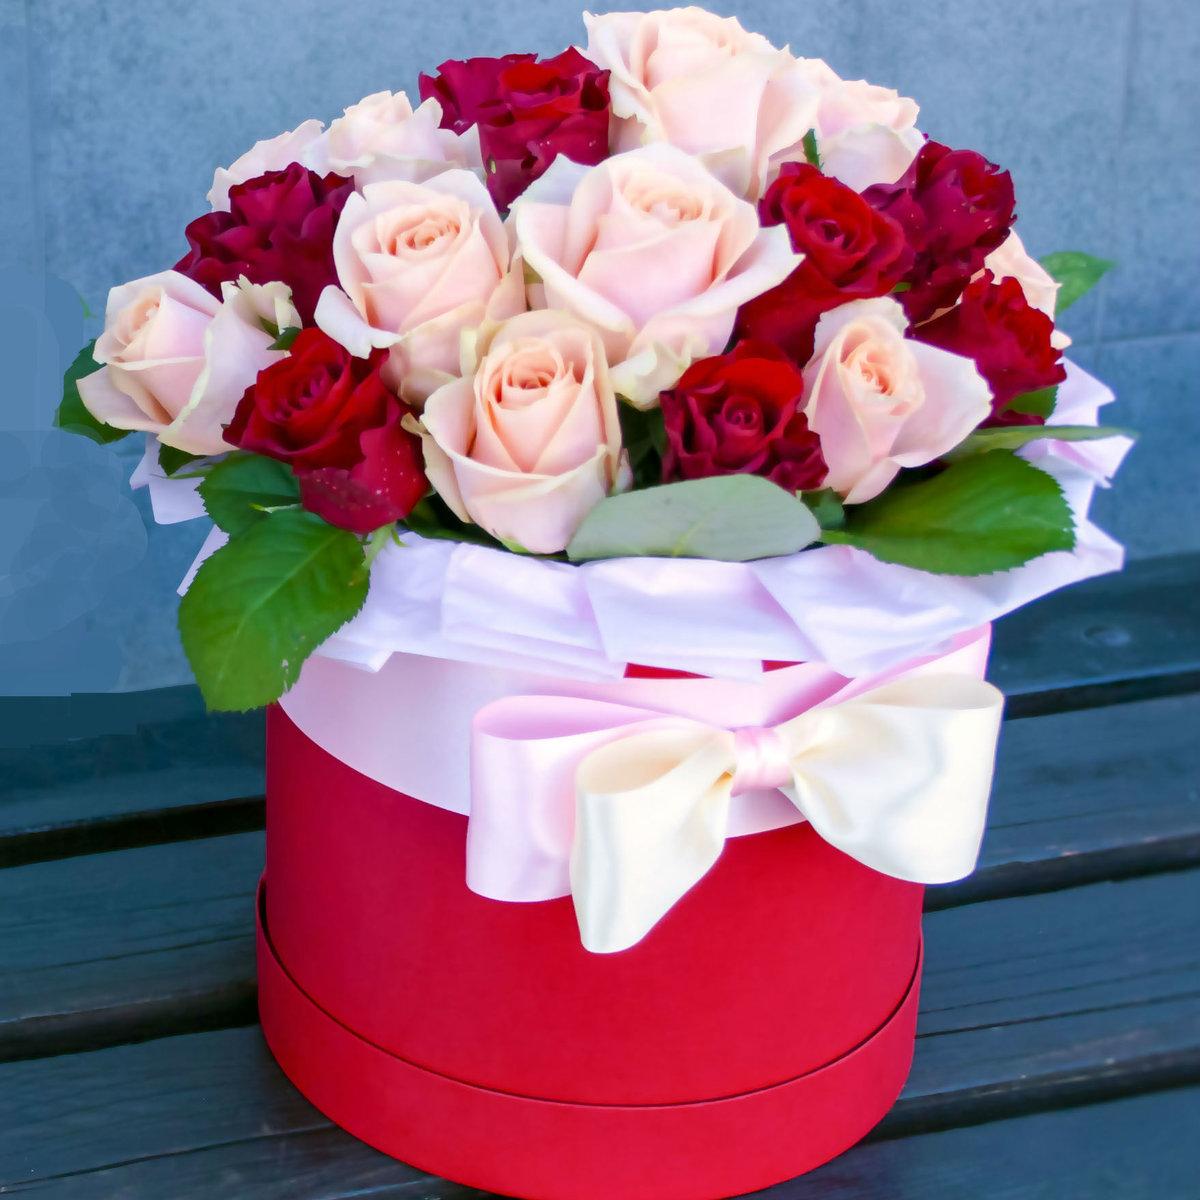 с днем рождения картинки цветы в коробке фотографии